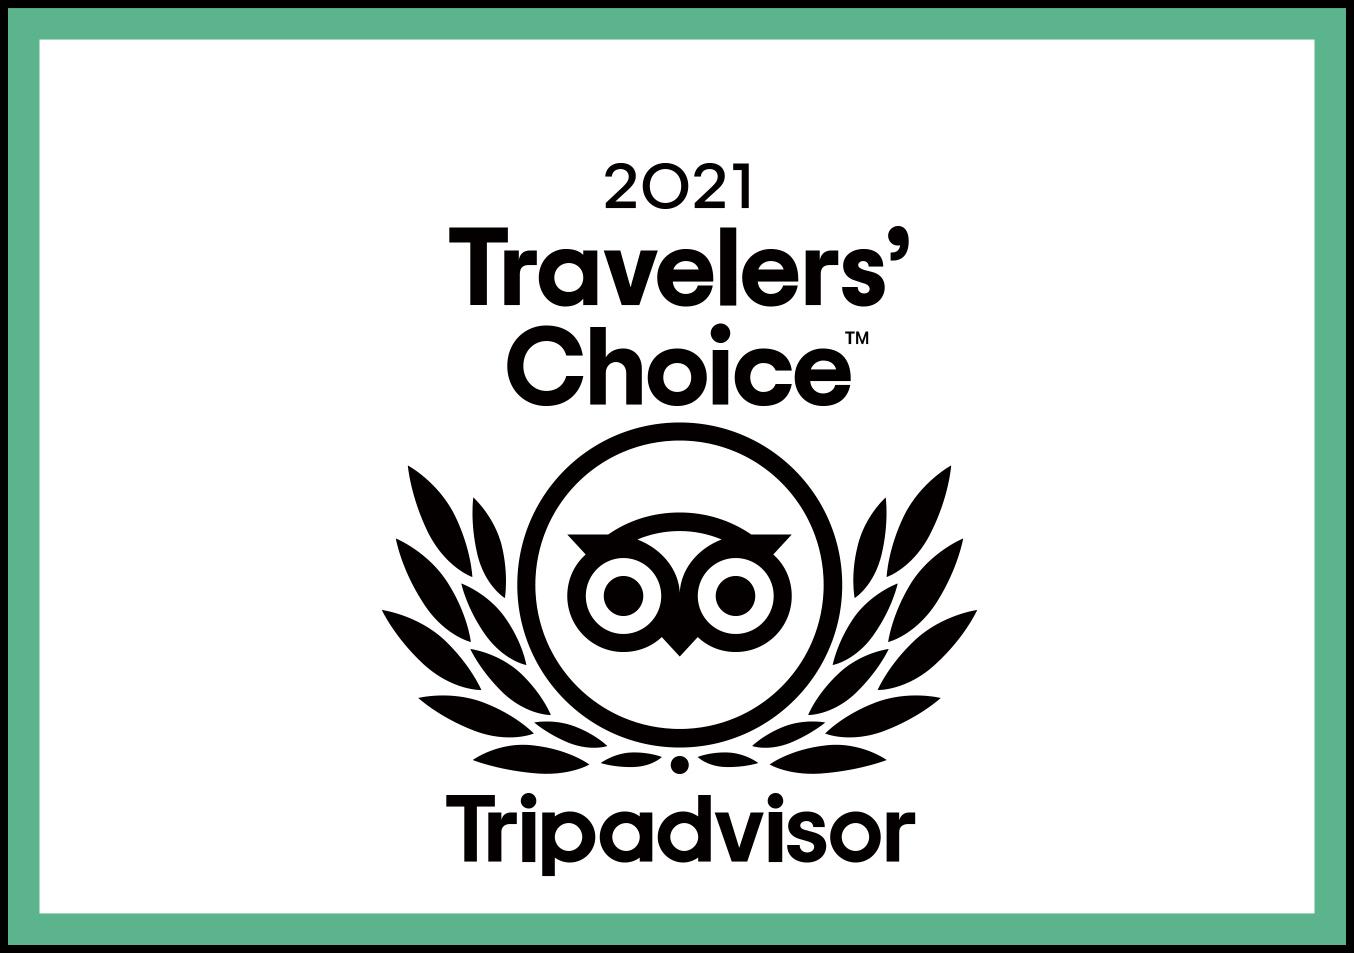 トリップアドバイザーのトラベラーズチョイスアワード2021を受賞しました